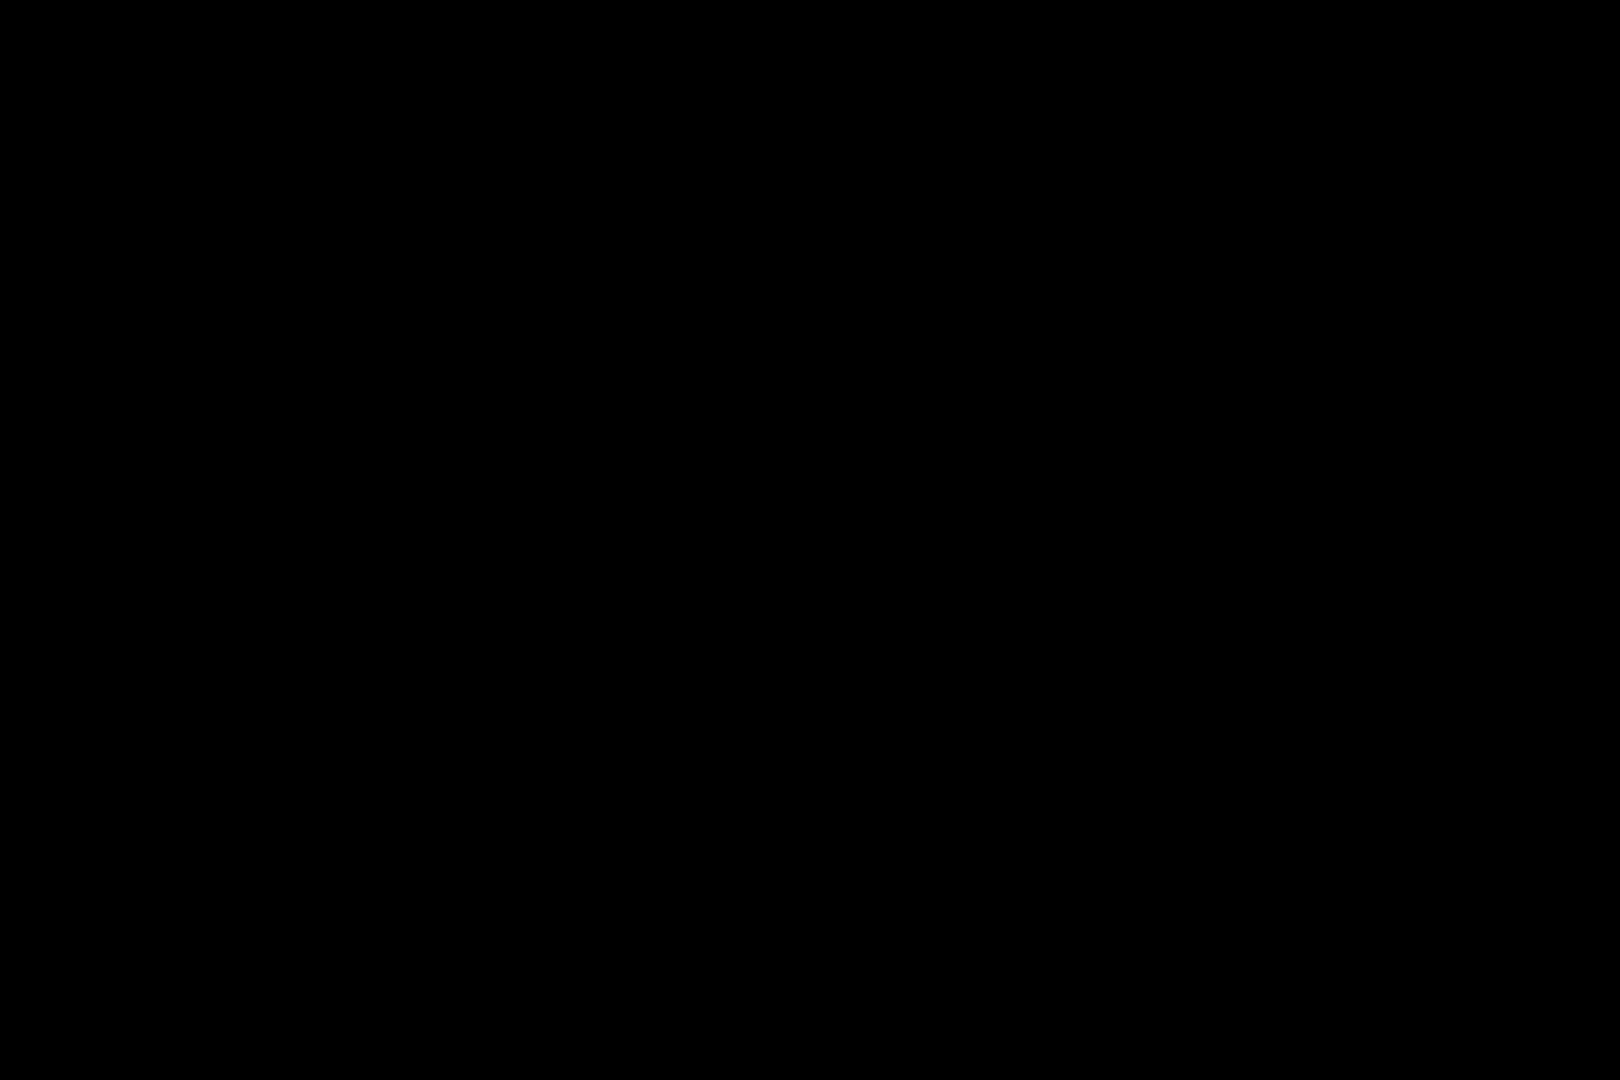 充血監督の深夜の運動会Vol.176 OL  96枚 4